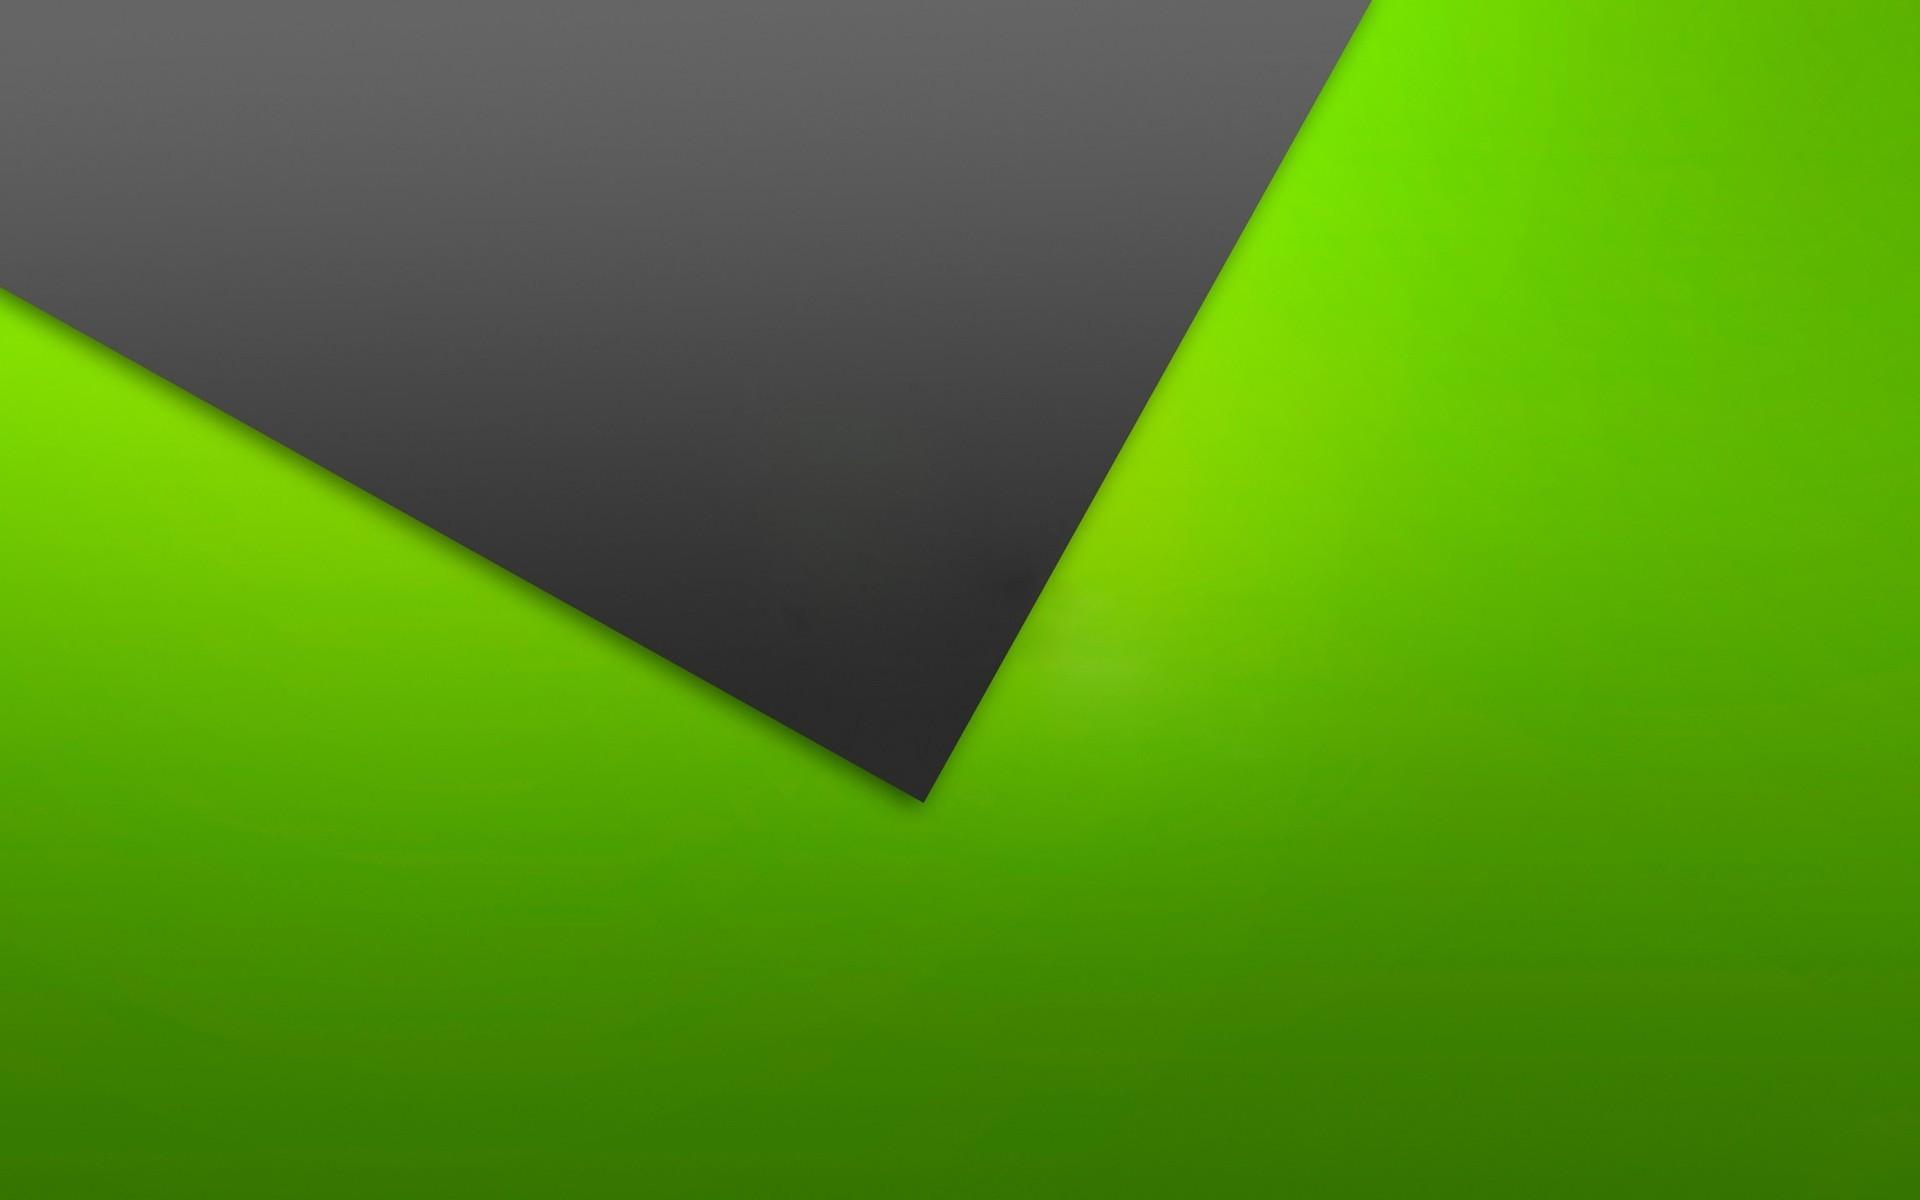 Green Wallpaper 22